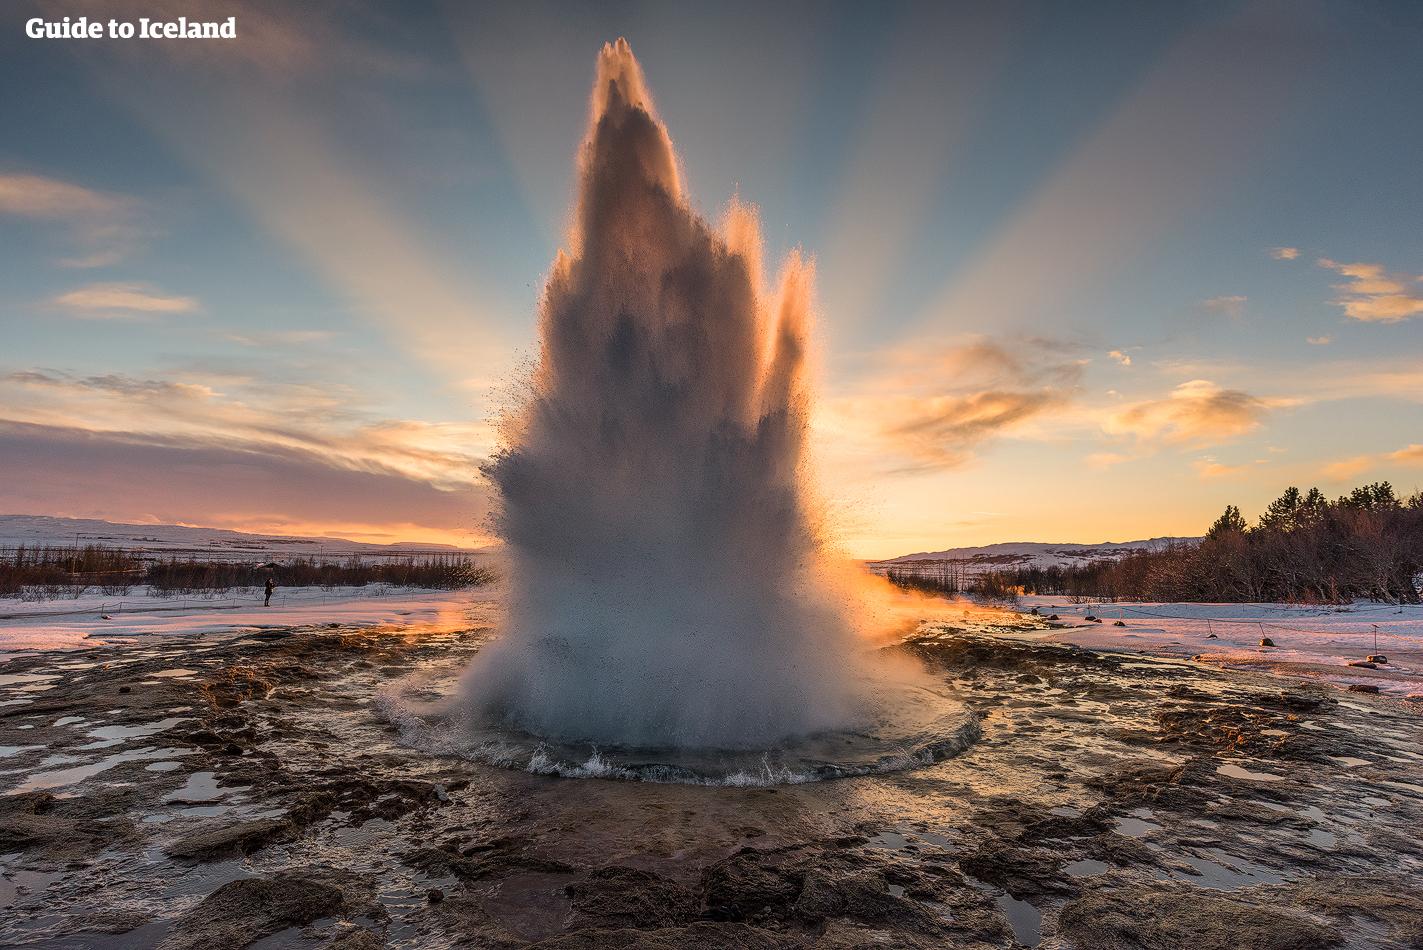 黄金圈三大景点之一盖歇尔间歇泉地热区有一处著名景点:Strokkur间歇泉